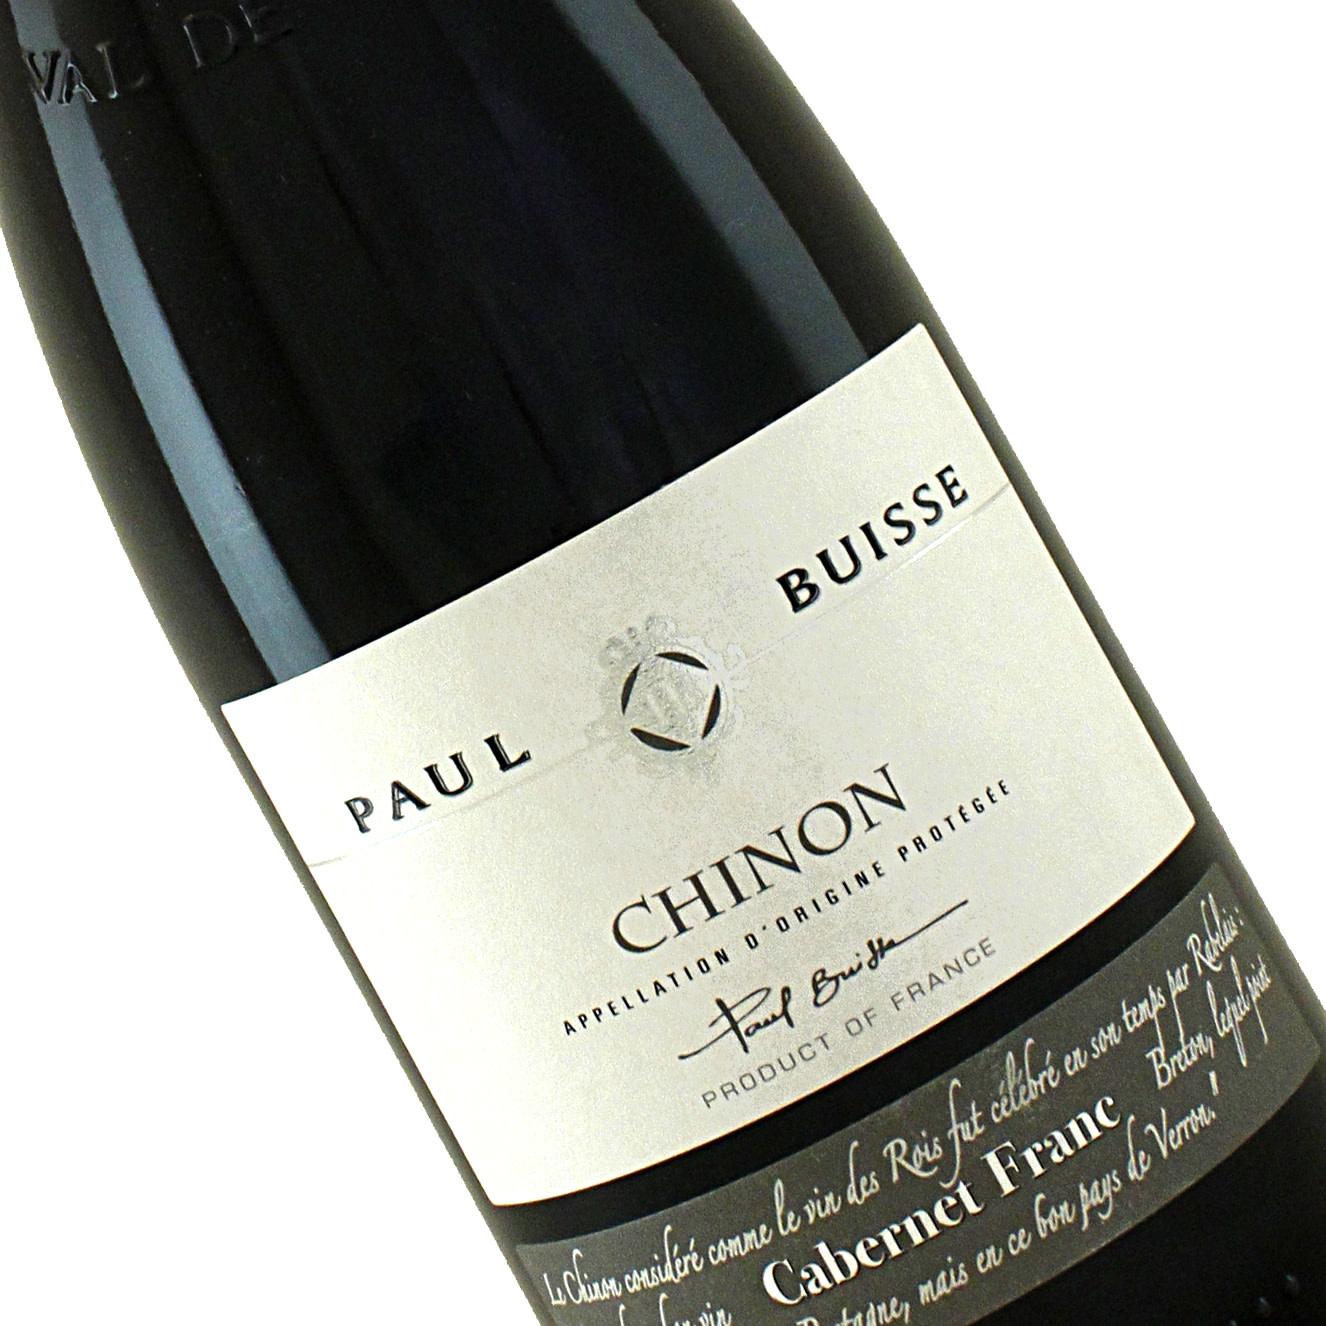 Paul Buisse 2017 Cabernet Franc, Chinon